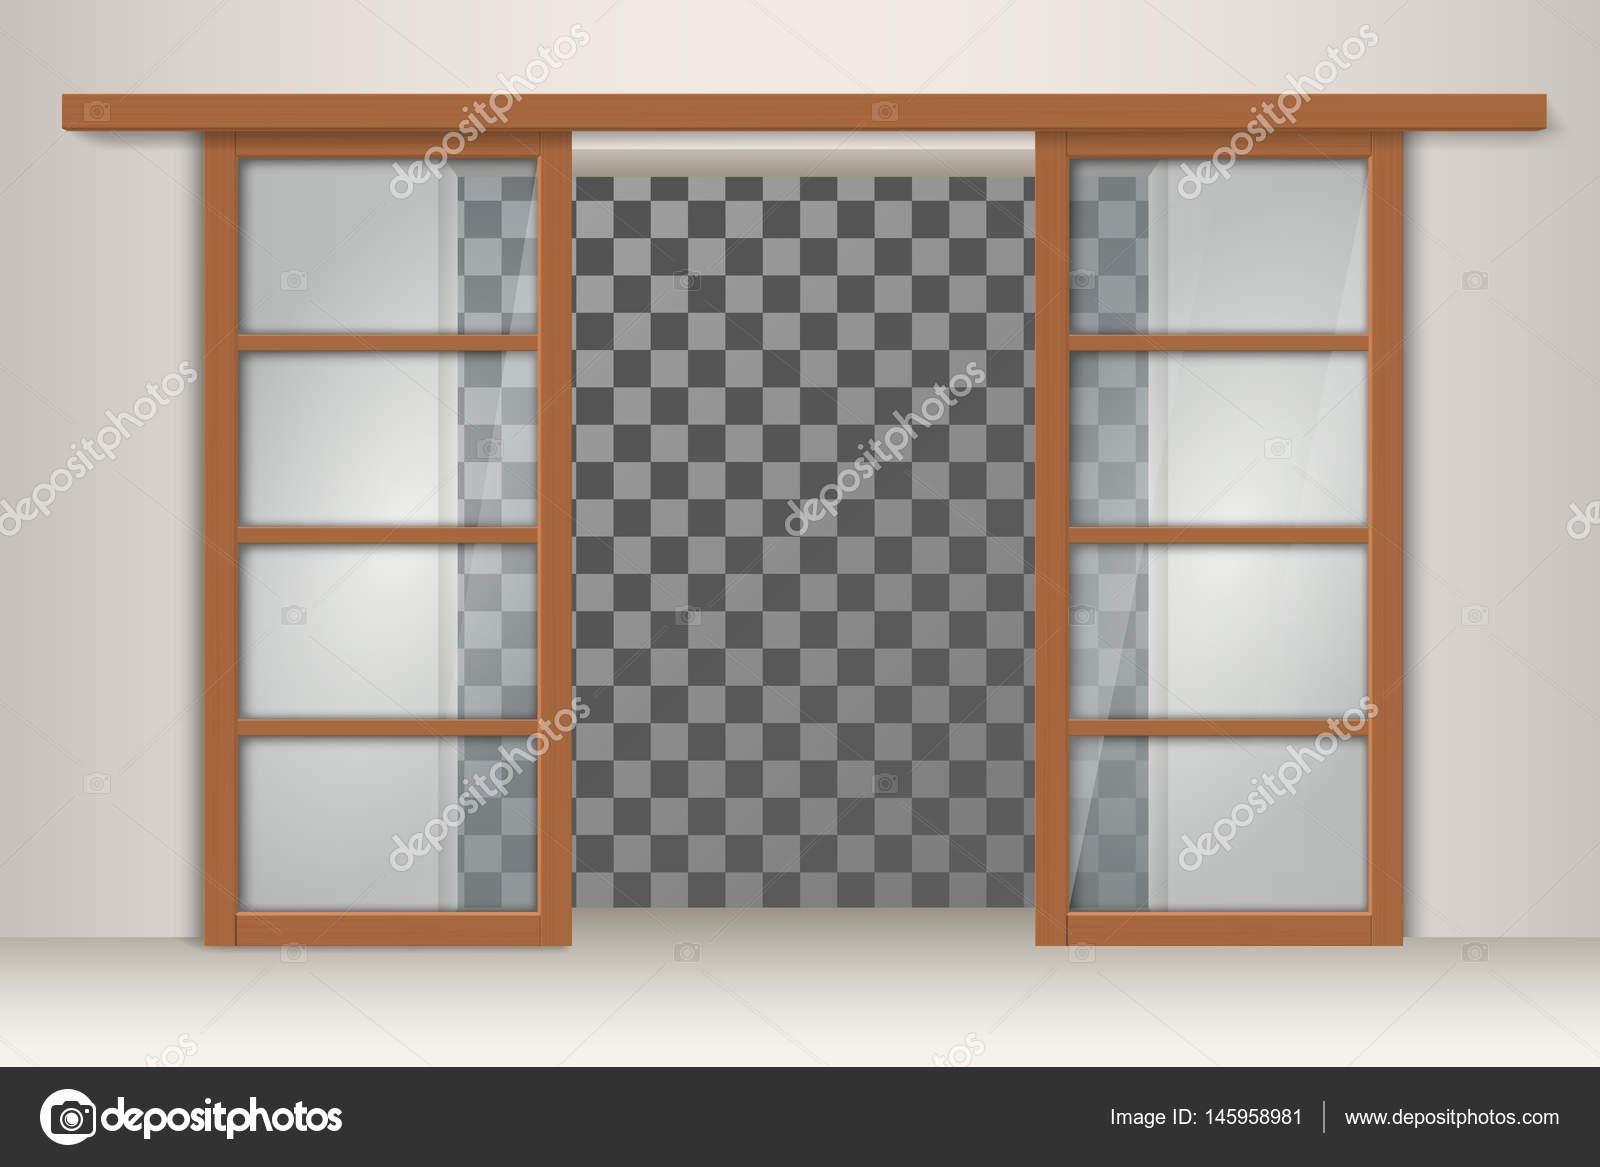 https://st3.depositphotos.com/2640963/14595/v/1600/depositphotos_145958981-stockillustratie-twee-houten-schuifdeuren.jpg